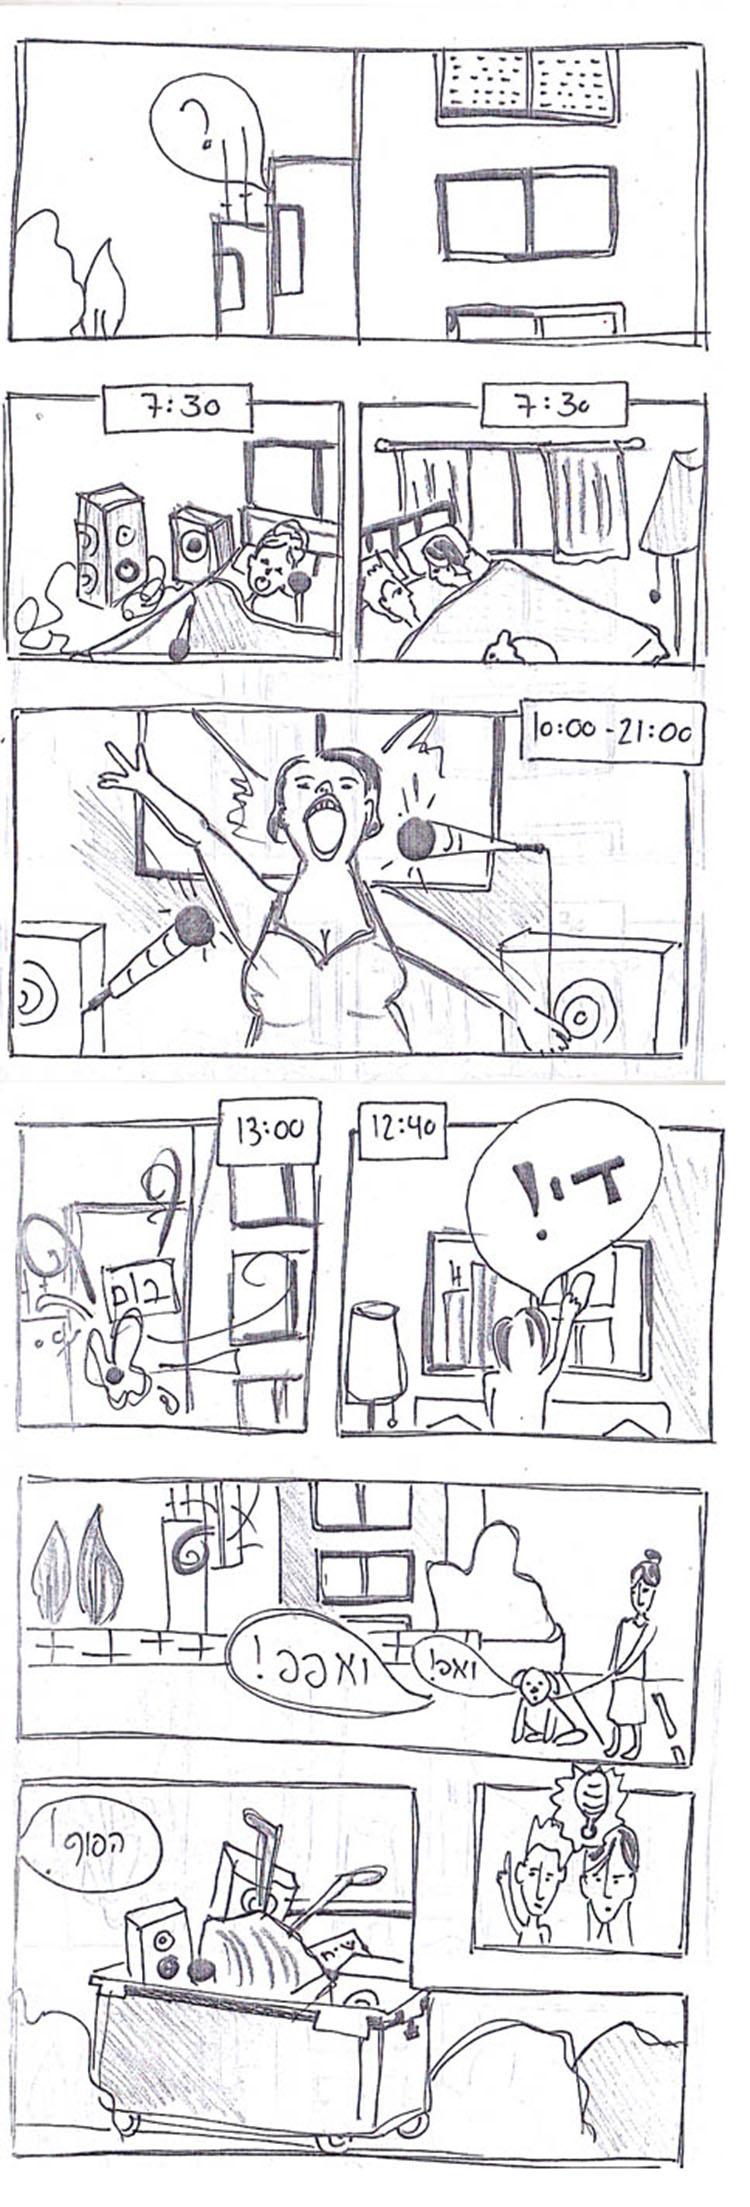 קומיקס מאת דנה קרישן על חולון וקריוקי